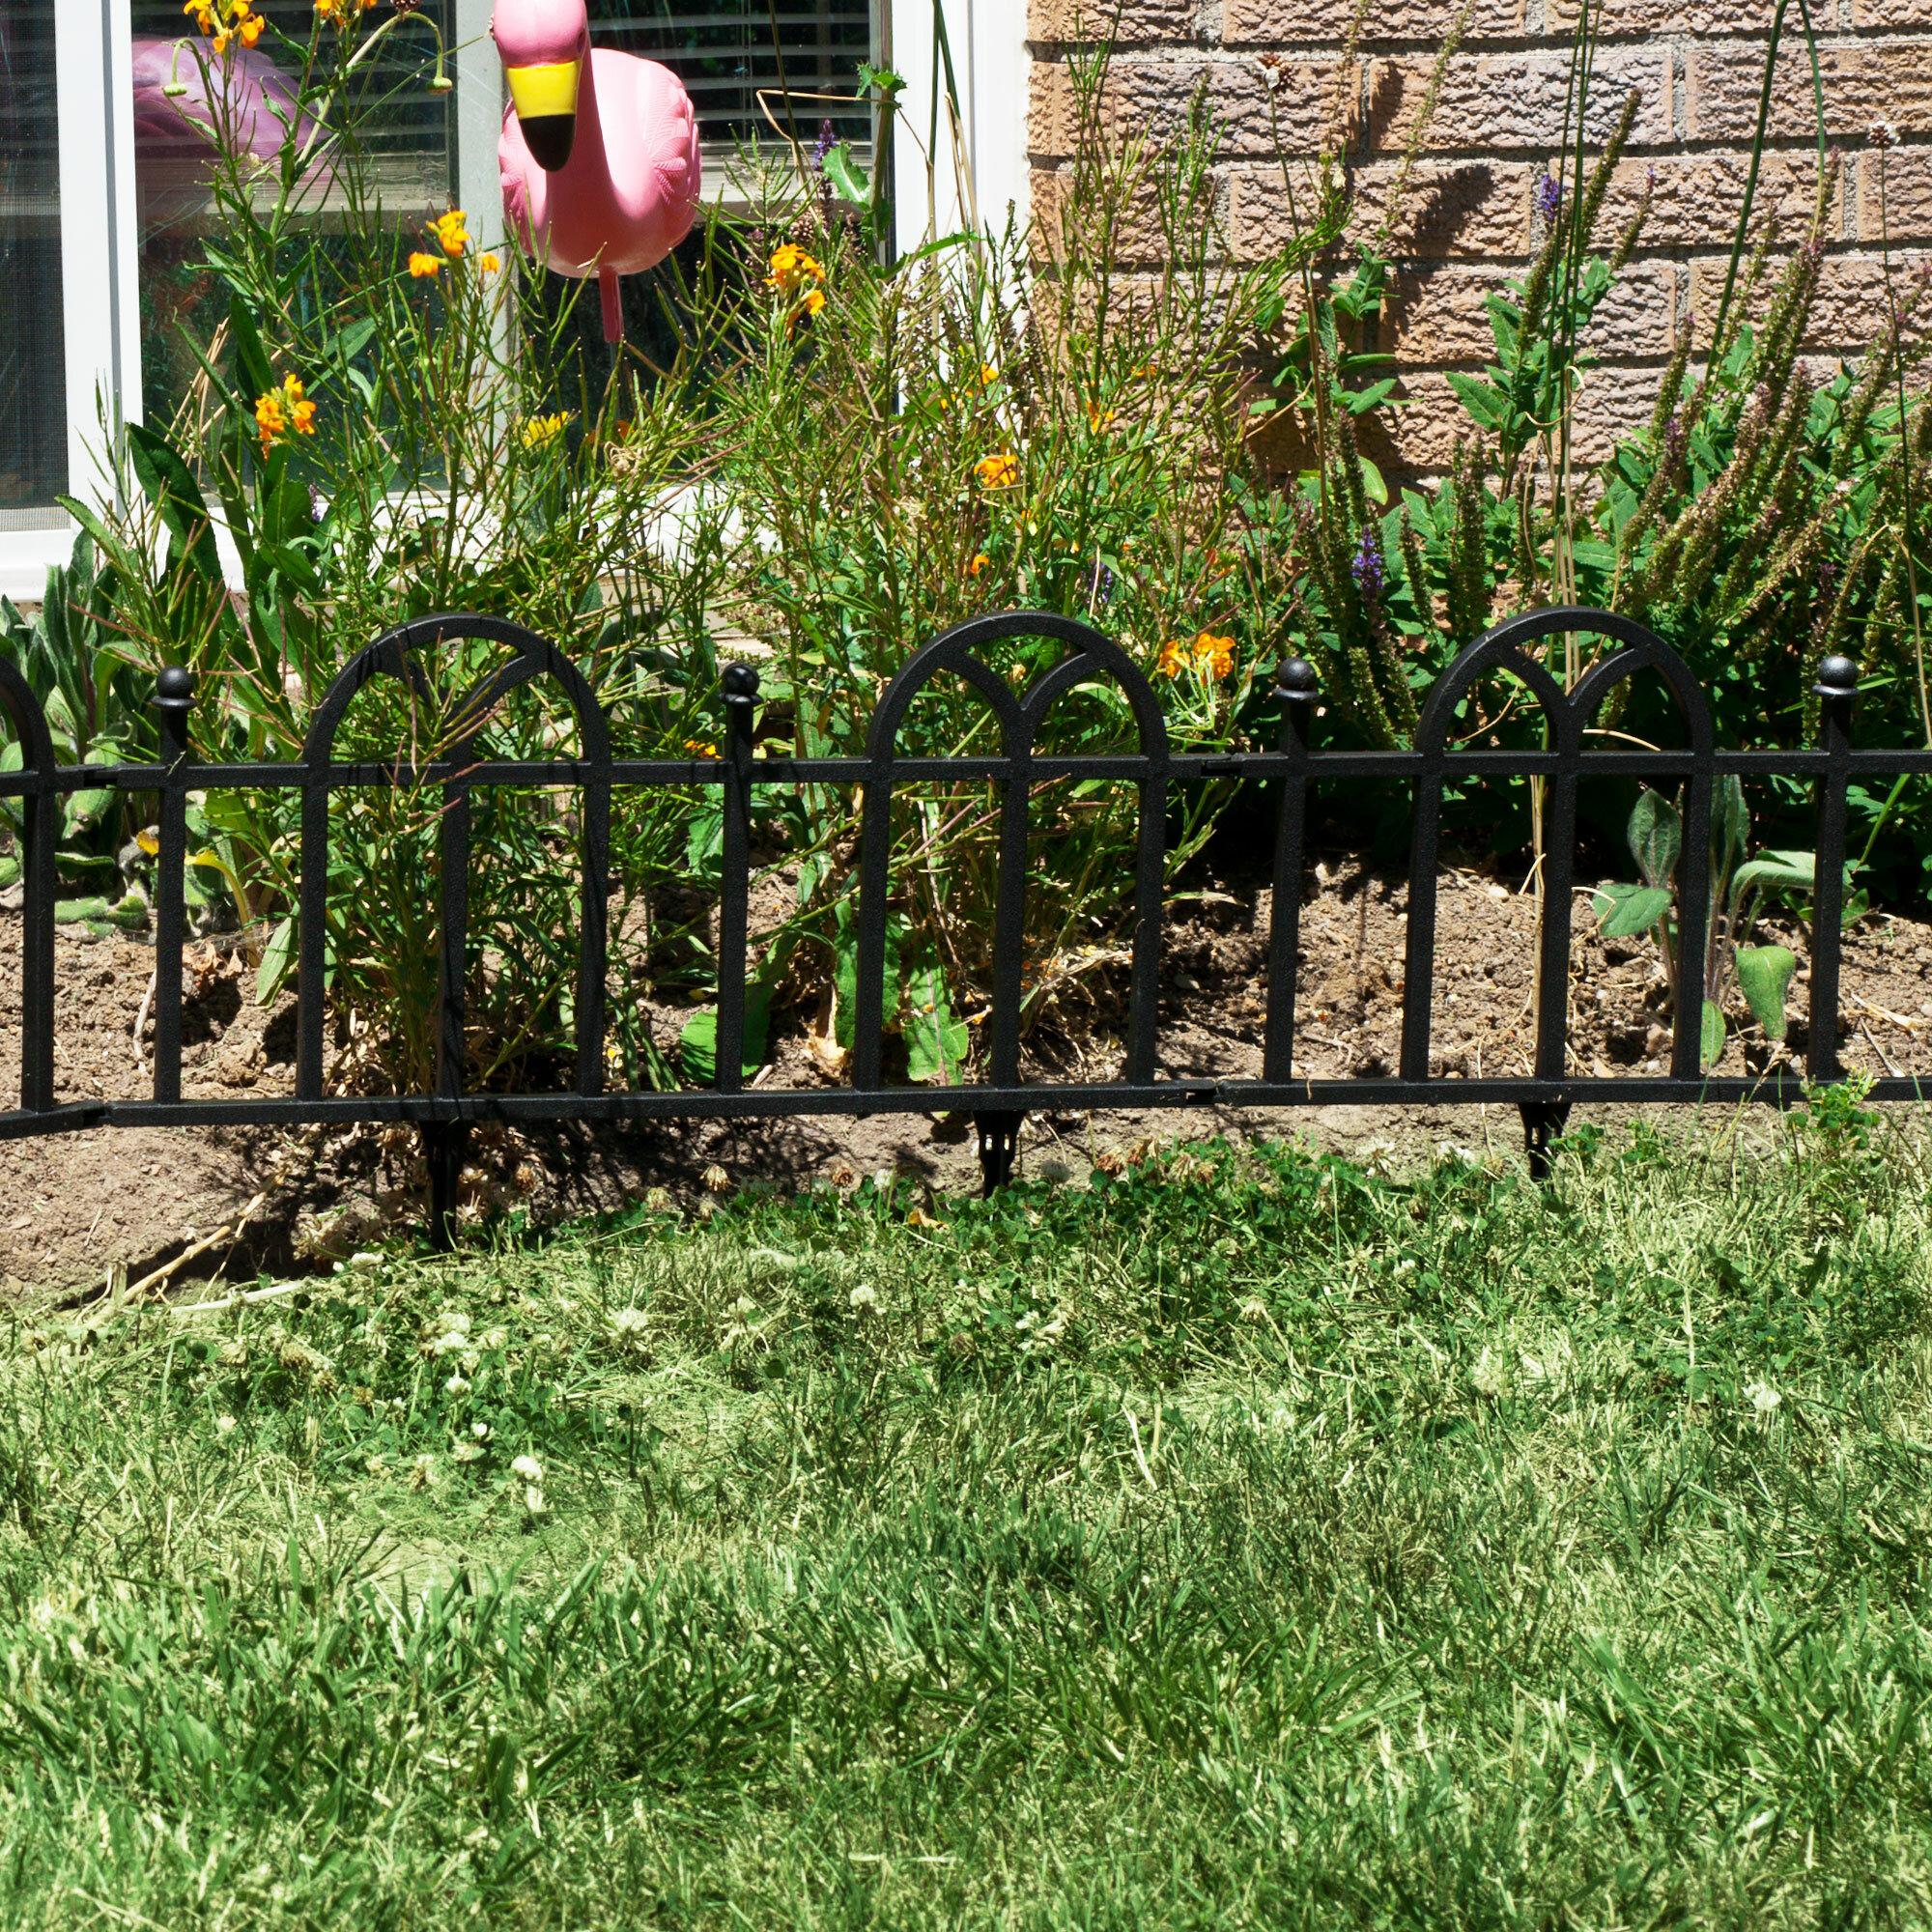 Pure Garden 1 5 Ft H X 2 W Victorian Edging Reviews Wayfair